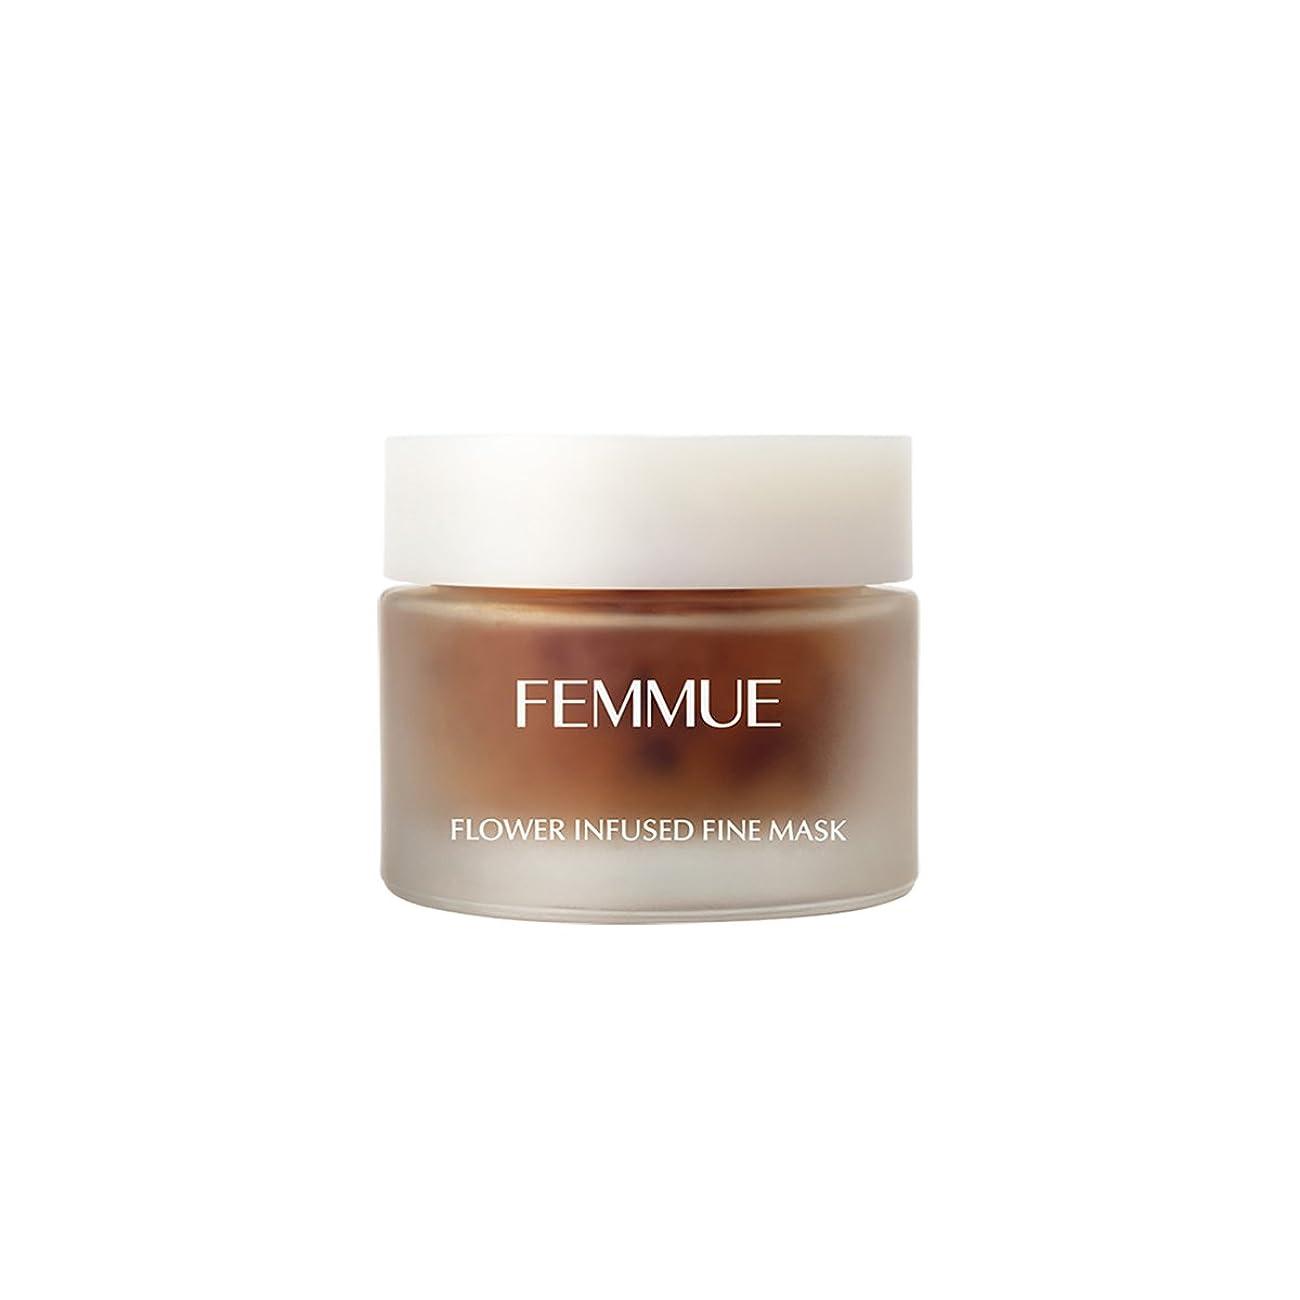 注入基本的な合意FEMMUE(ファミュ) フラワーインフューズド ファインマスク <洗い流す保湿マスク>50g